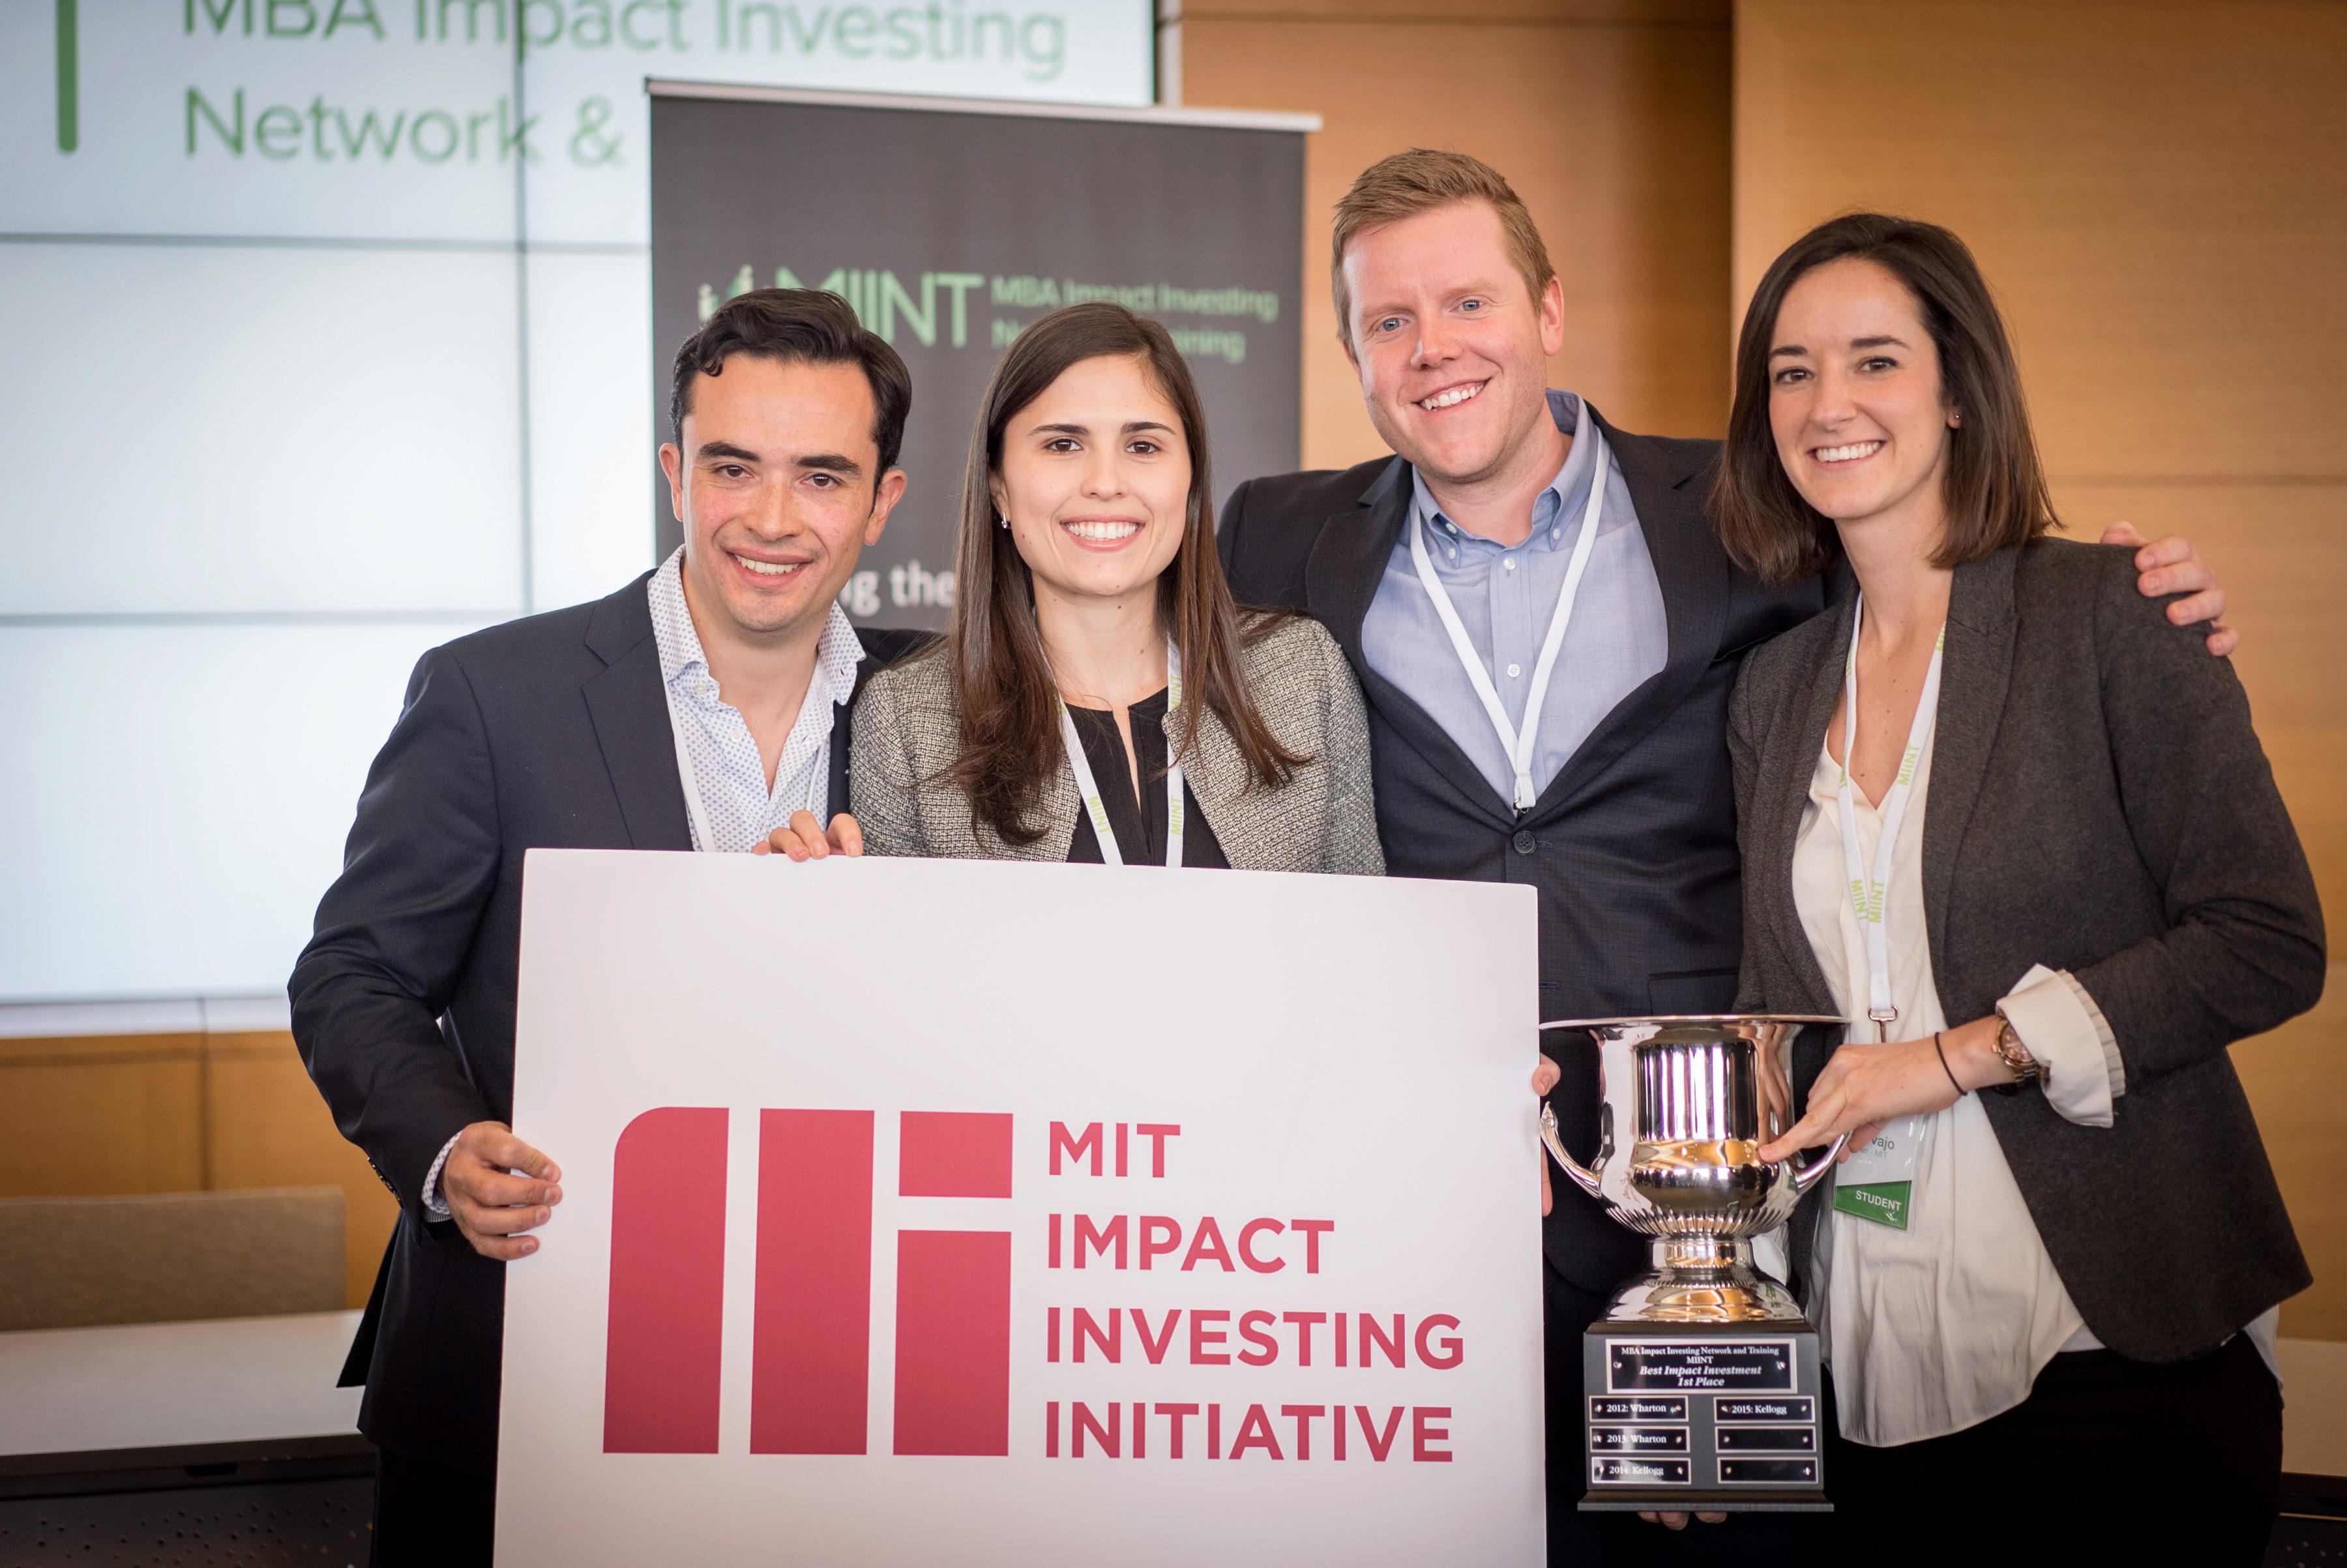 MIT Impact Investing Initiative